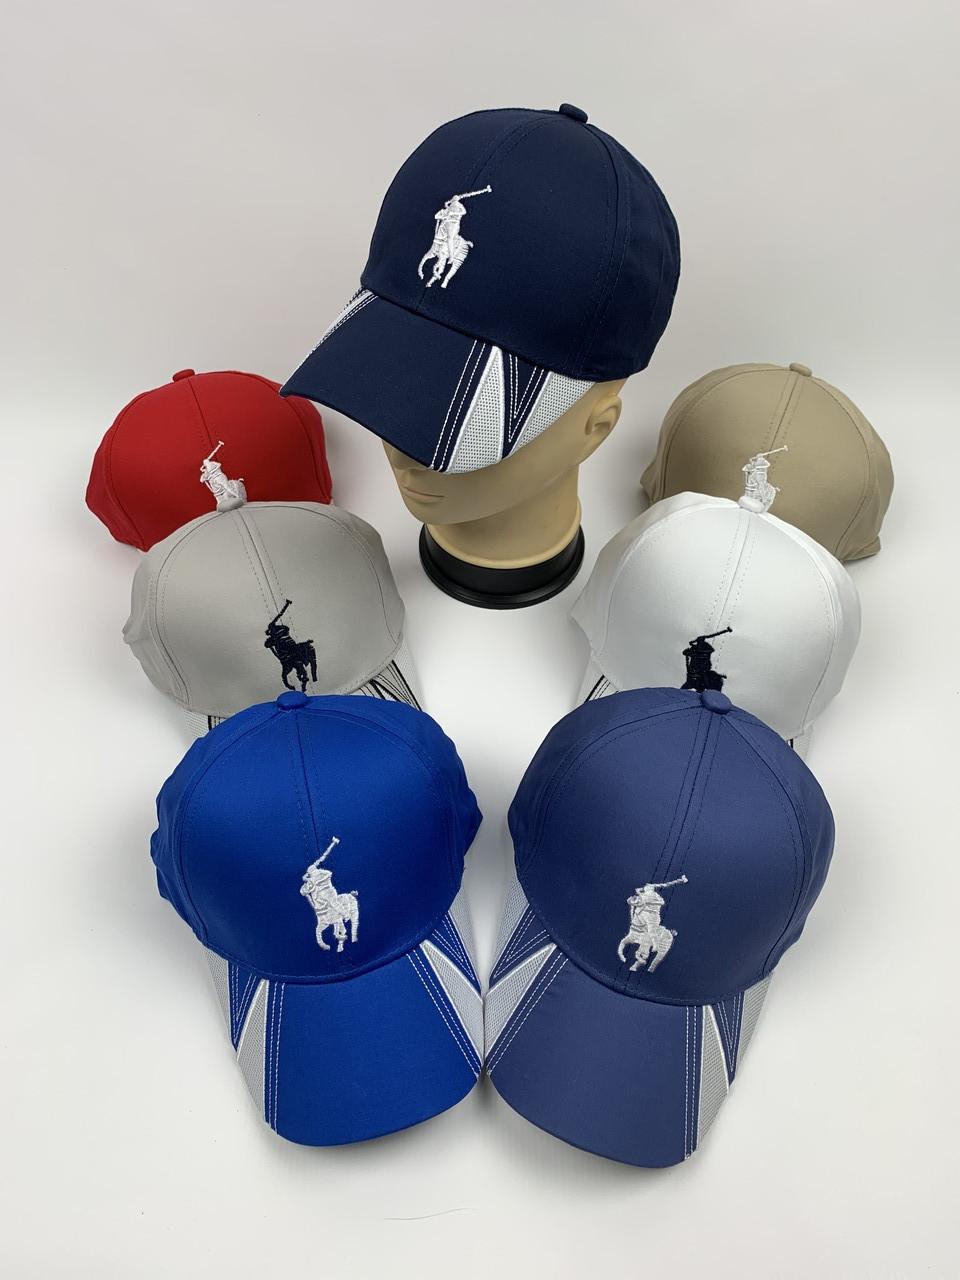 Детские кепки Polo для мальчиков оптом, р.54 (ktn2027)